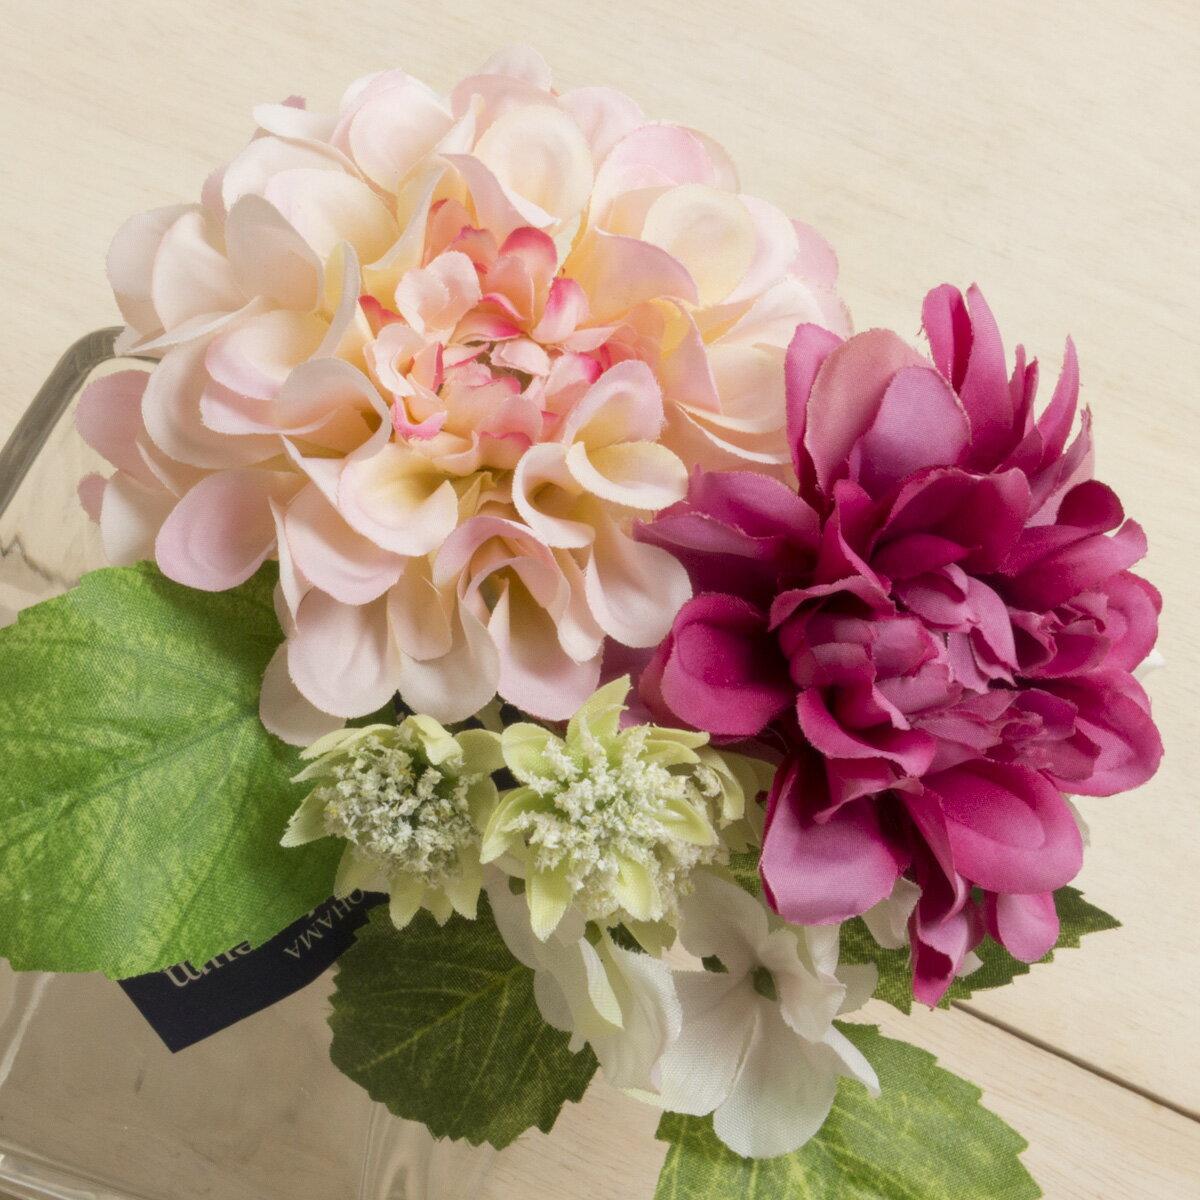 即日 【造花】YDM/ダリアミックスバンチ ピンクビューティー/FB2380-PBT《 造花(アーティフィシャルフラワー) 造花 花材「た行」 ダリア 》